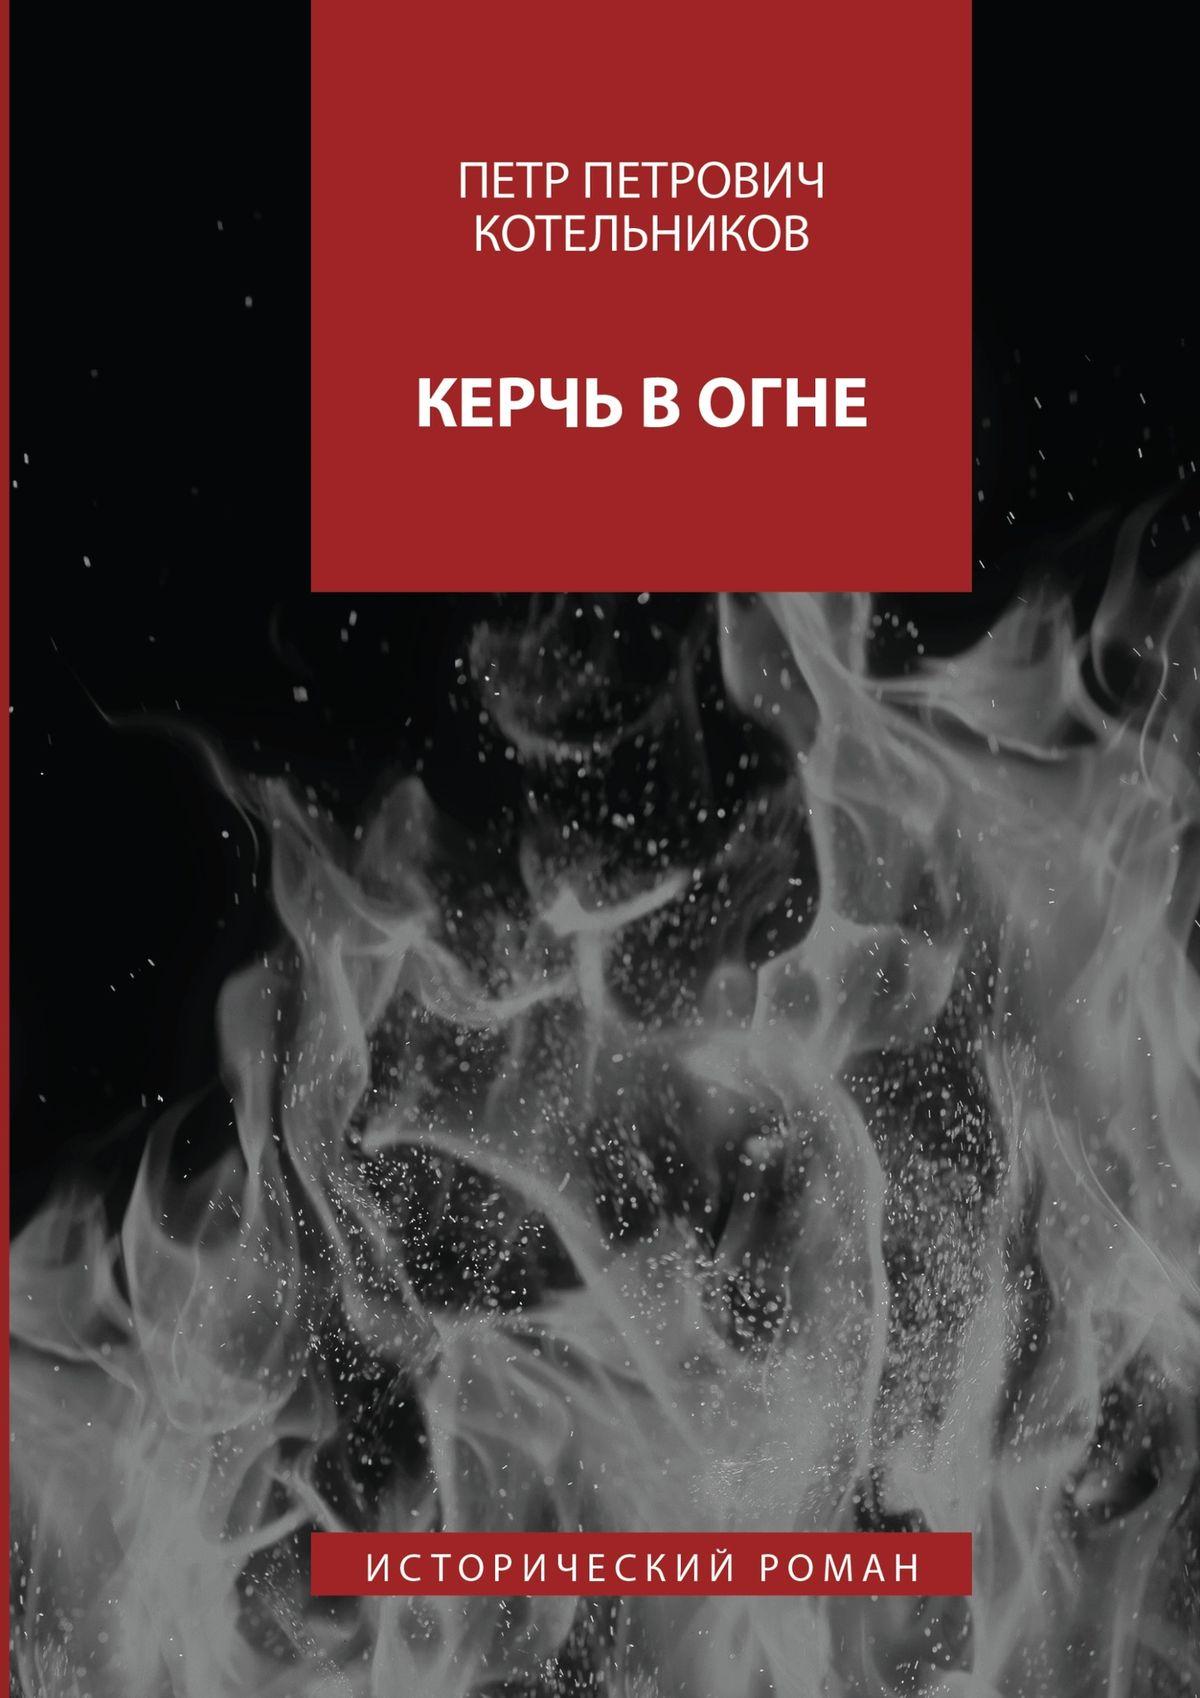 Петр Петрович Котельников Керчь вогне. Исторический роман петр петрович котельников принцесса всероссийская исторический роман